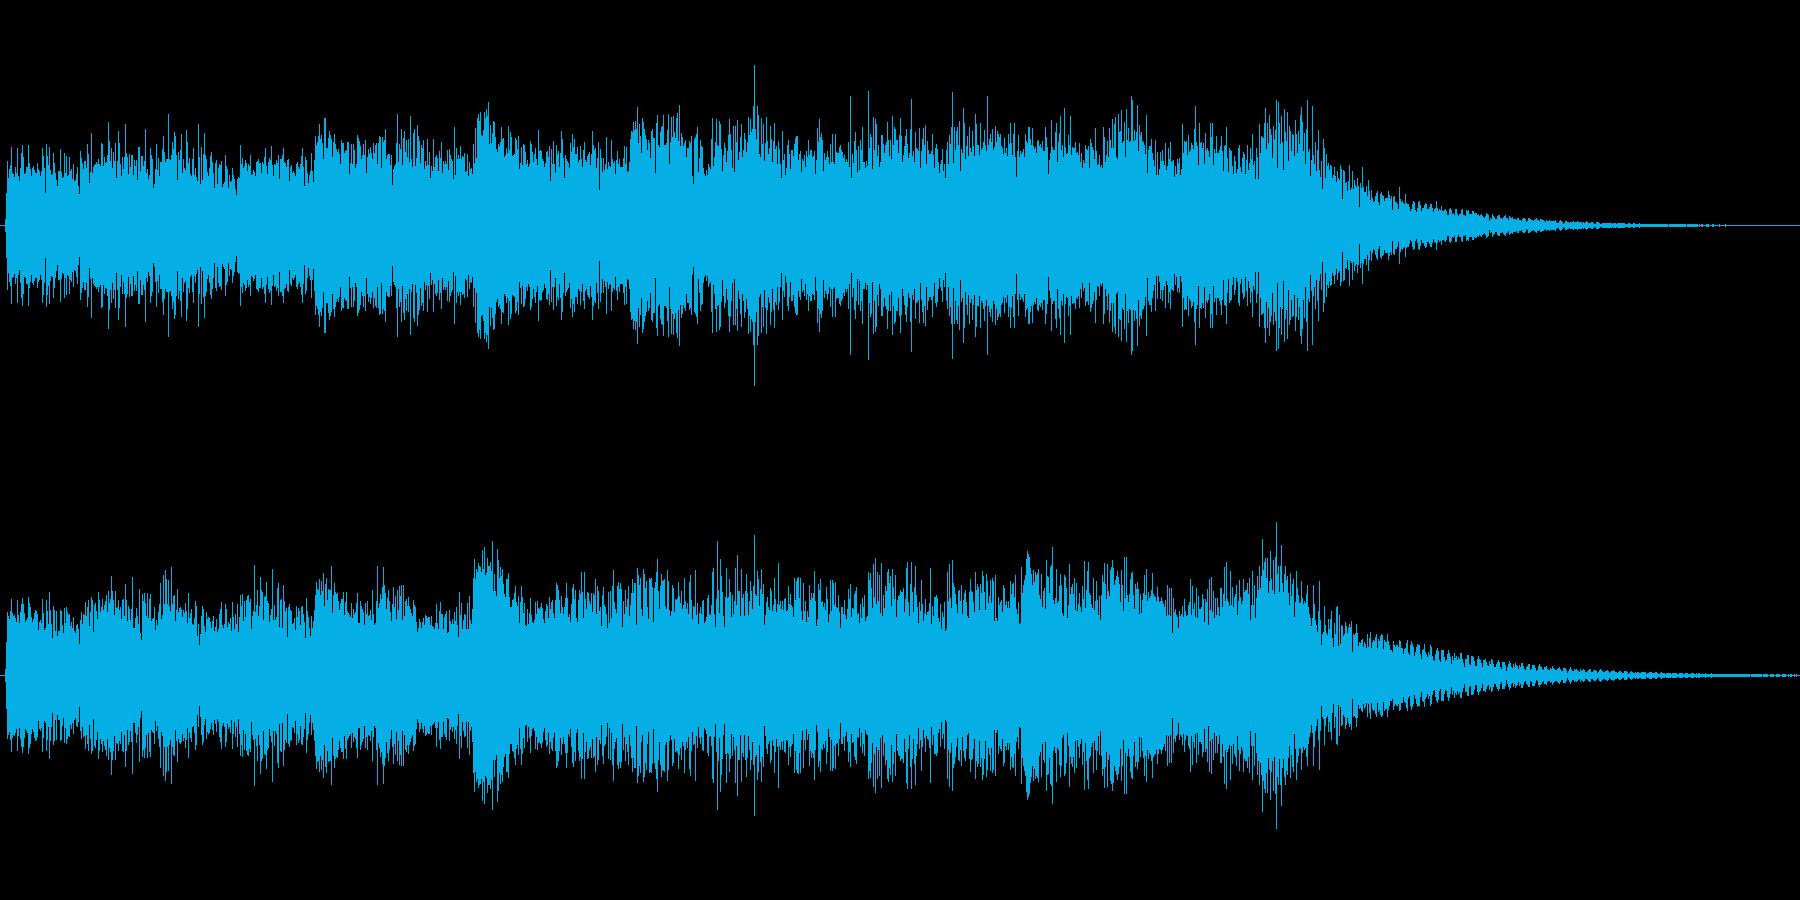 オルゴール音のチャイムの再生済みの波形